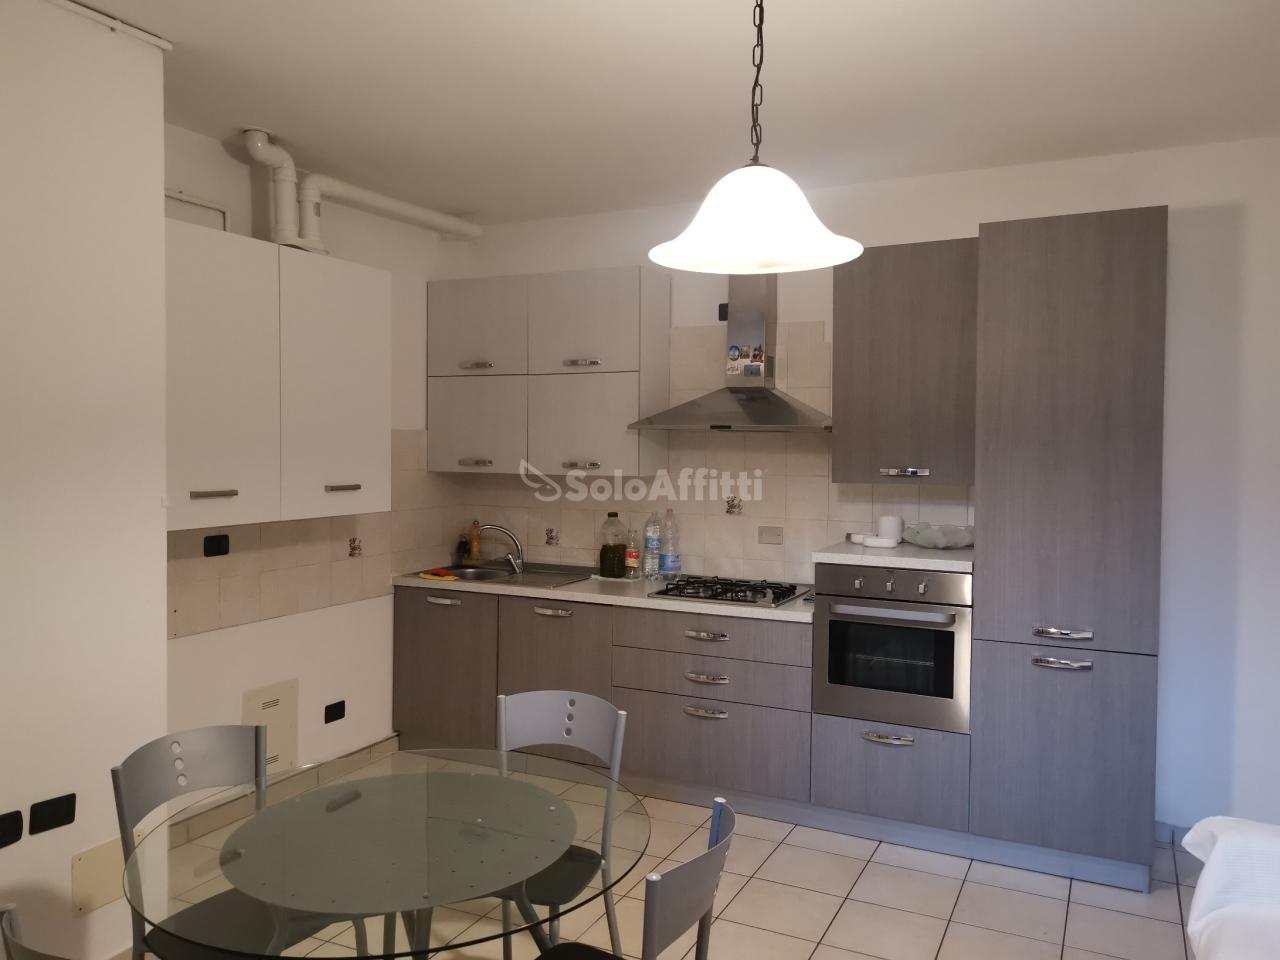 Appartamento in affitto a Saronno, 2 locali, prezzo € 575 | PortaleAgenzieImmobiliari.it